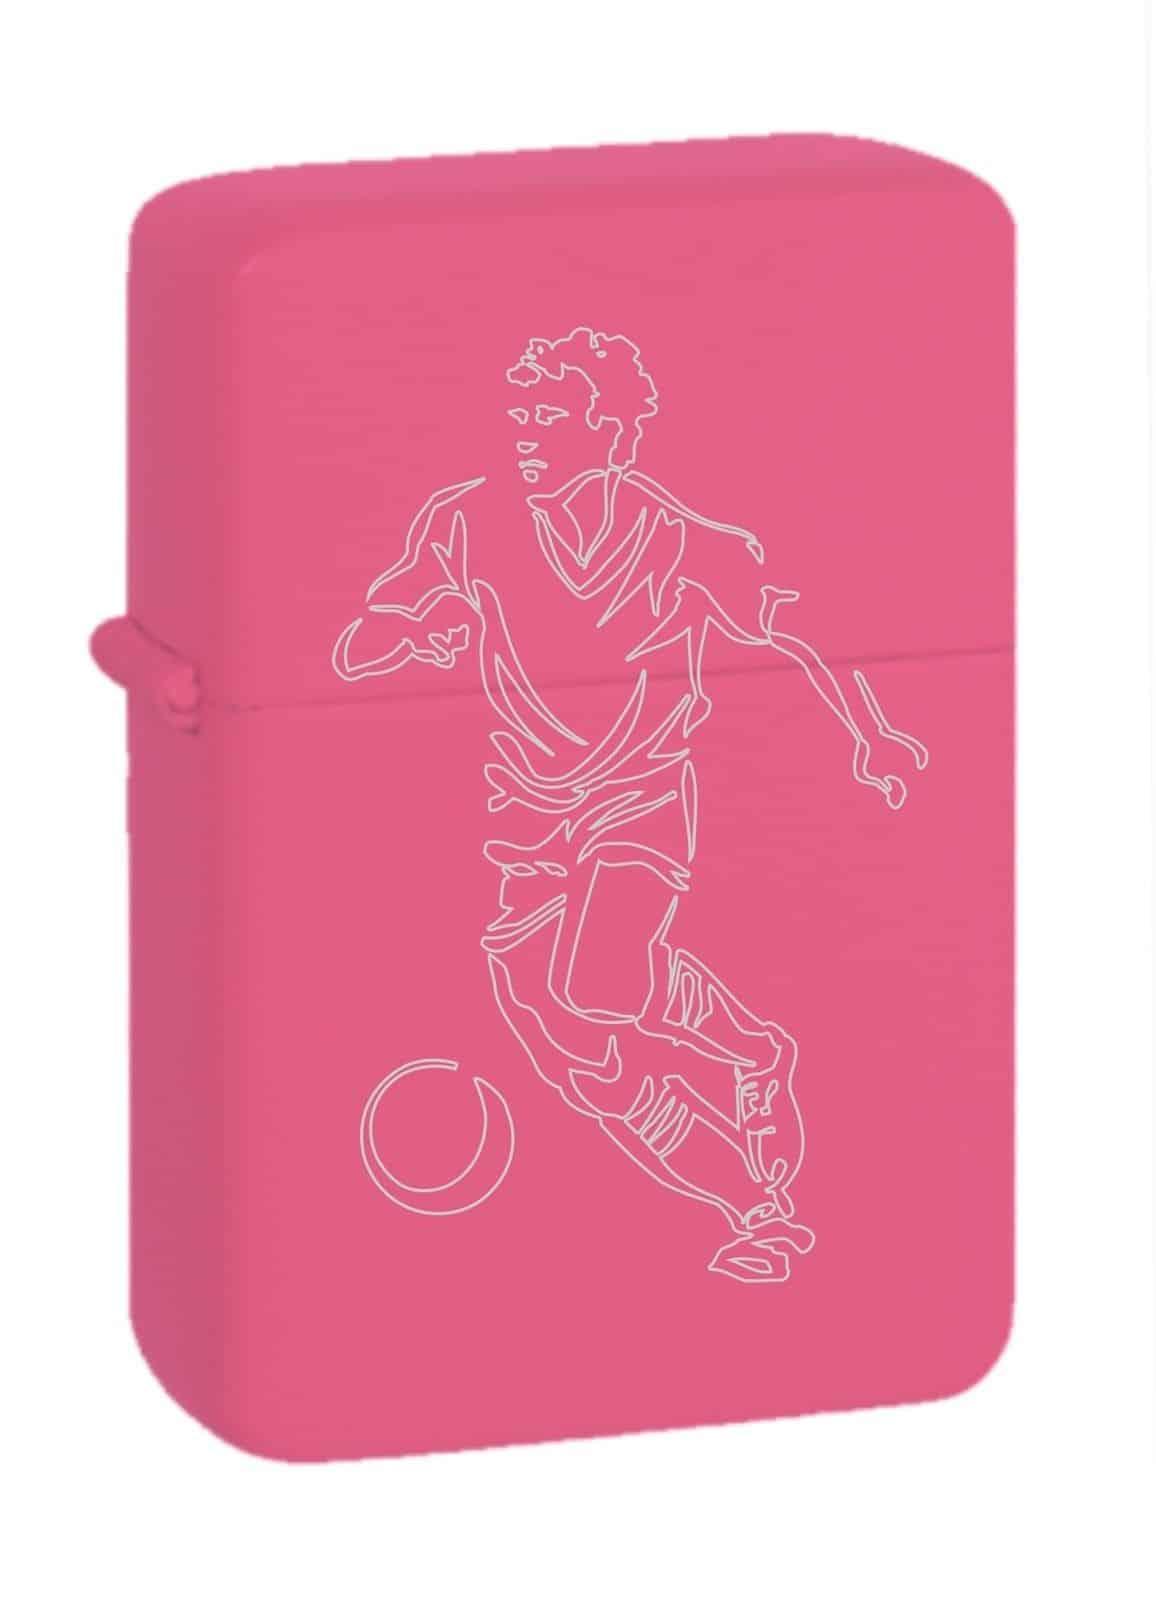 footballer-pink